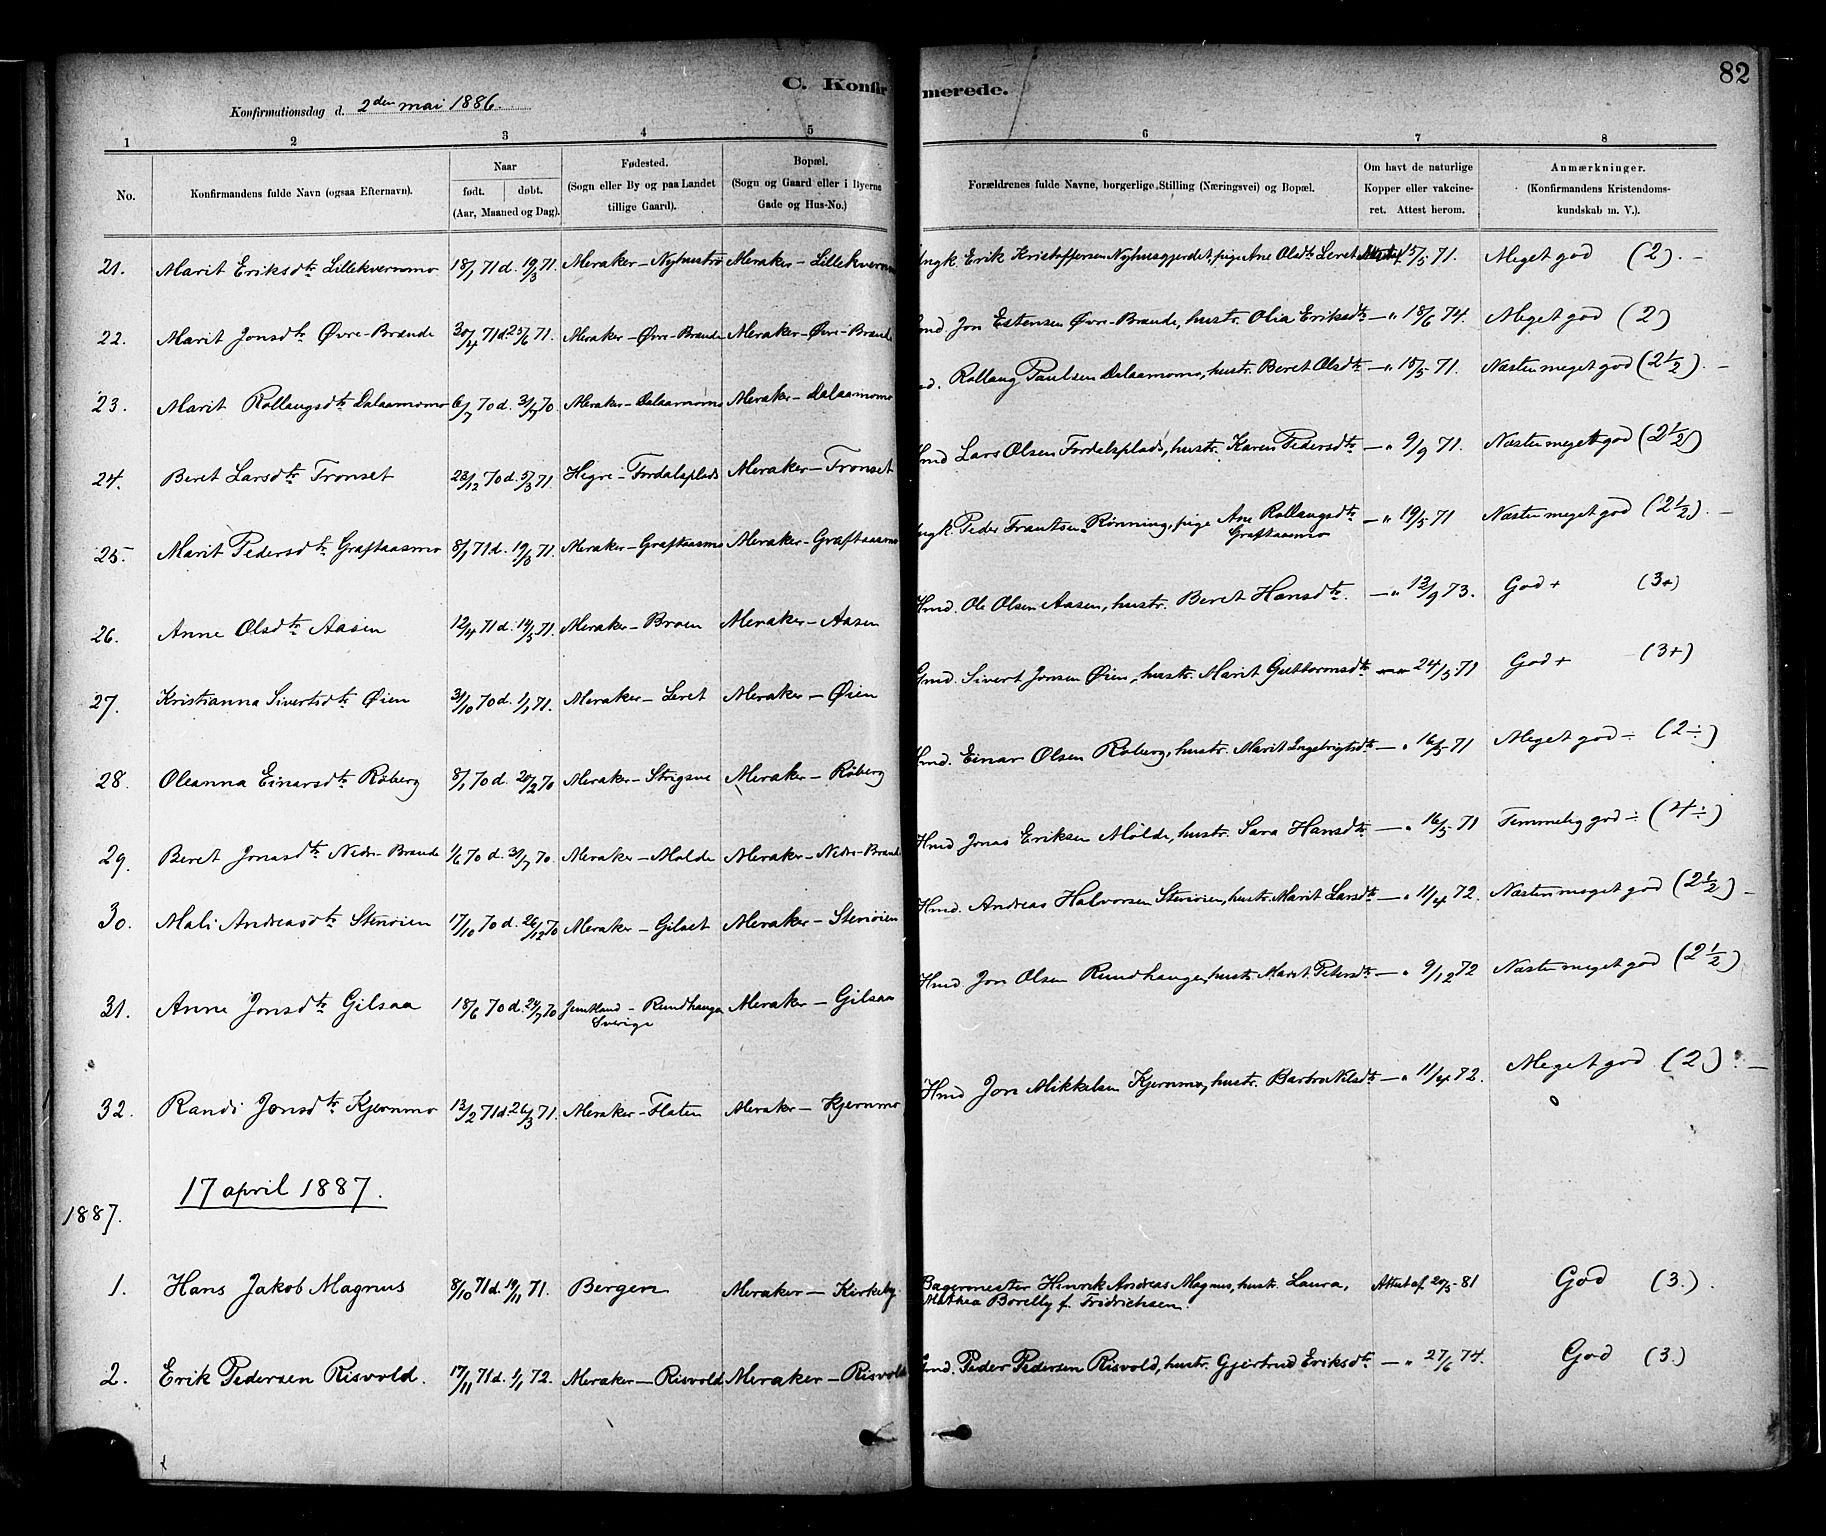 SAT, Ministerialprotokoller, klokkerbøker og fødselsregistre - Nord-Trøndelag, 706/L0047: Parish register (official) no. 706A03, 1878-1892, p. 82